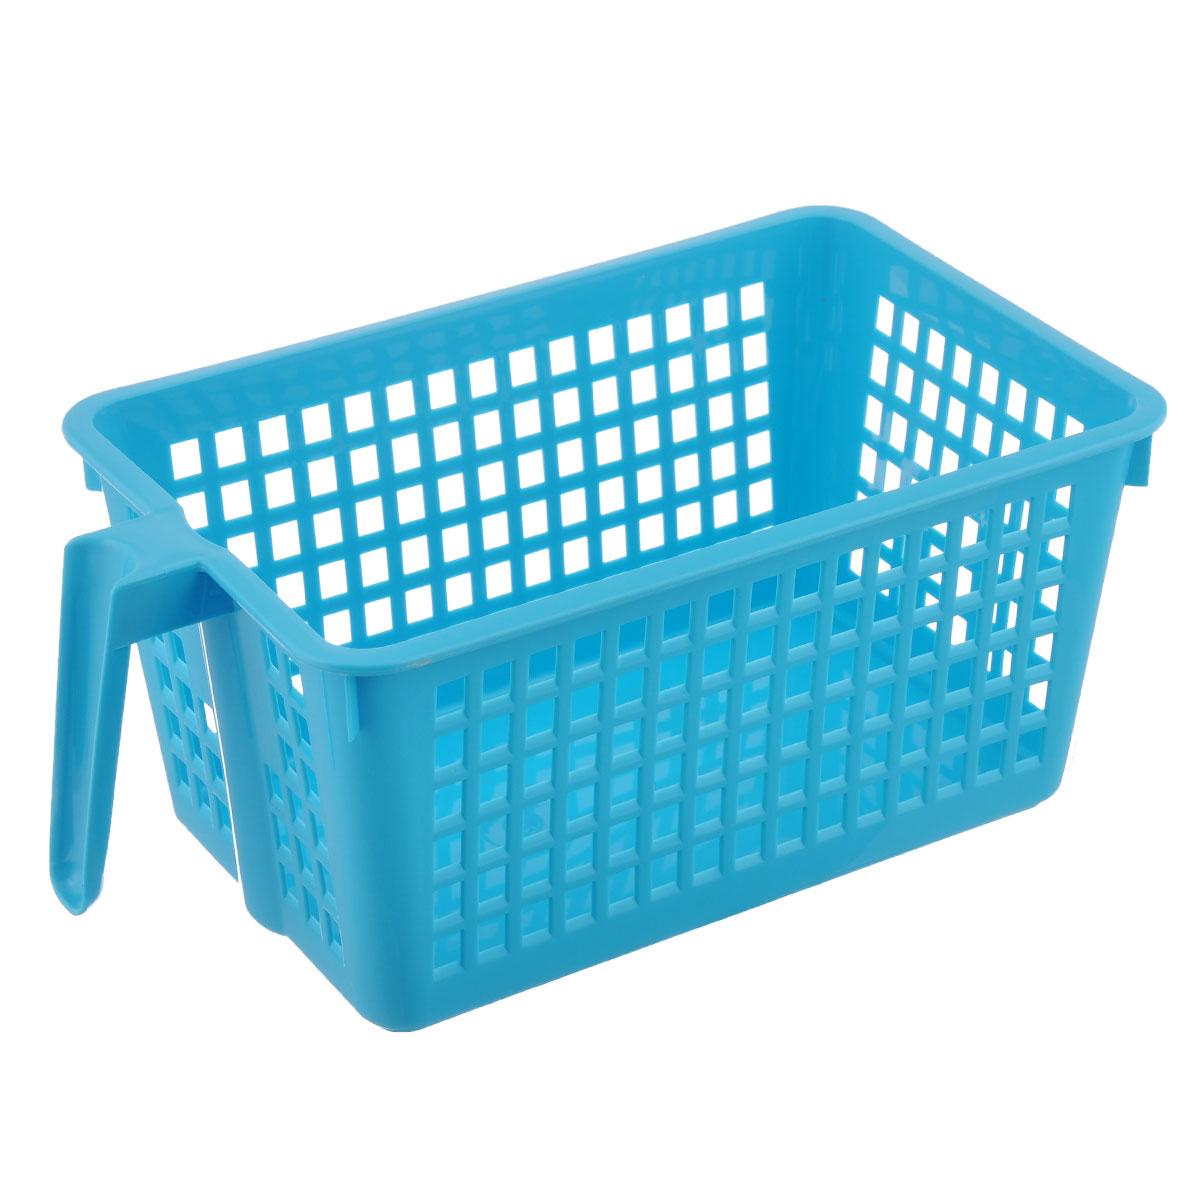 Корзинка универсальная Econova, с ручкой, цвет: голубой, 28 х 16 х 12 см847545Универсальная корзинка Econova изготовлена из высококачественного пластика и предназначена для хранения и транспортировки вещей. Корзинка подойдет как для пищевых продуктов, так и для ванных принадлежностей и различных мелочей. Изделие оснащено ручкой для более удобной транспортировки. Стенки корзинки оформлены перфорацией, что обеспечивает естественную вентиляцию. Универсальная корзинка Econova позволит вам хранить вещи компактно и с удобством.